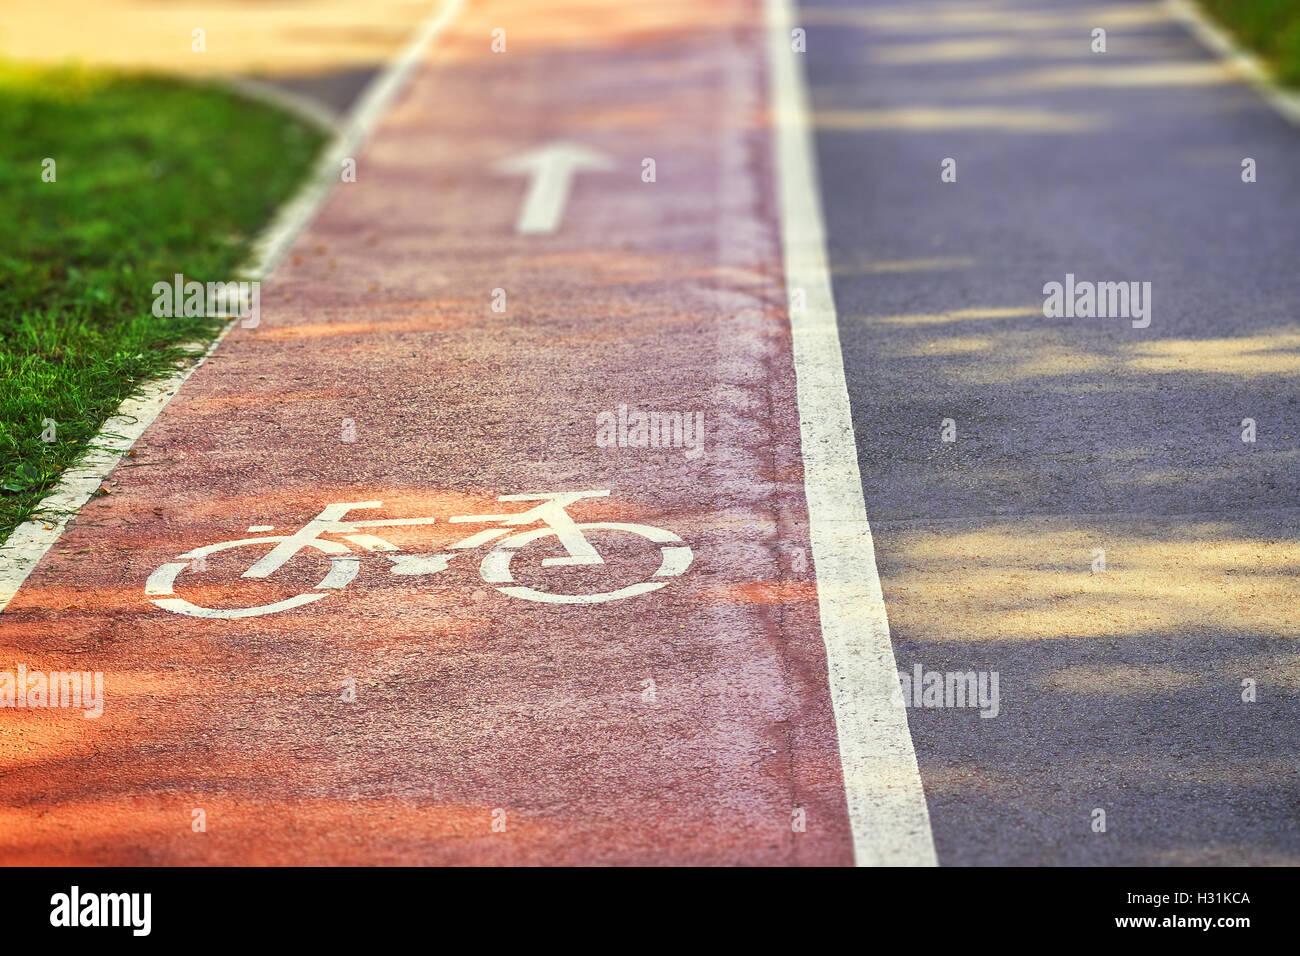 Carril bici en la acera roja pintada de blanco con bicicleta y flechas de dirección. Espacio de copia Imagen De Stock